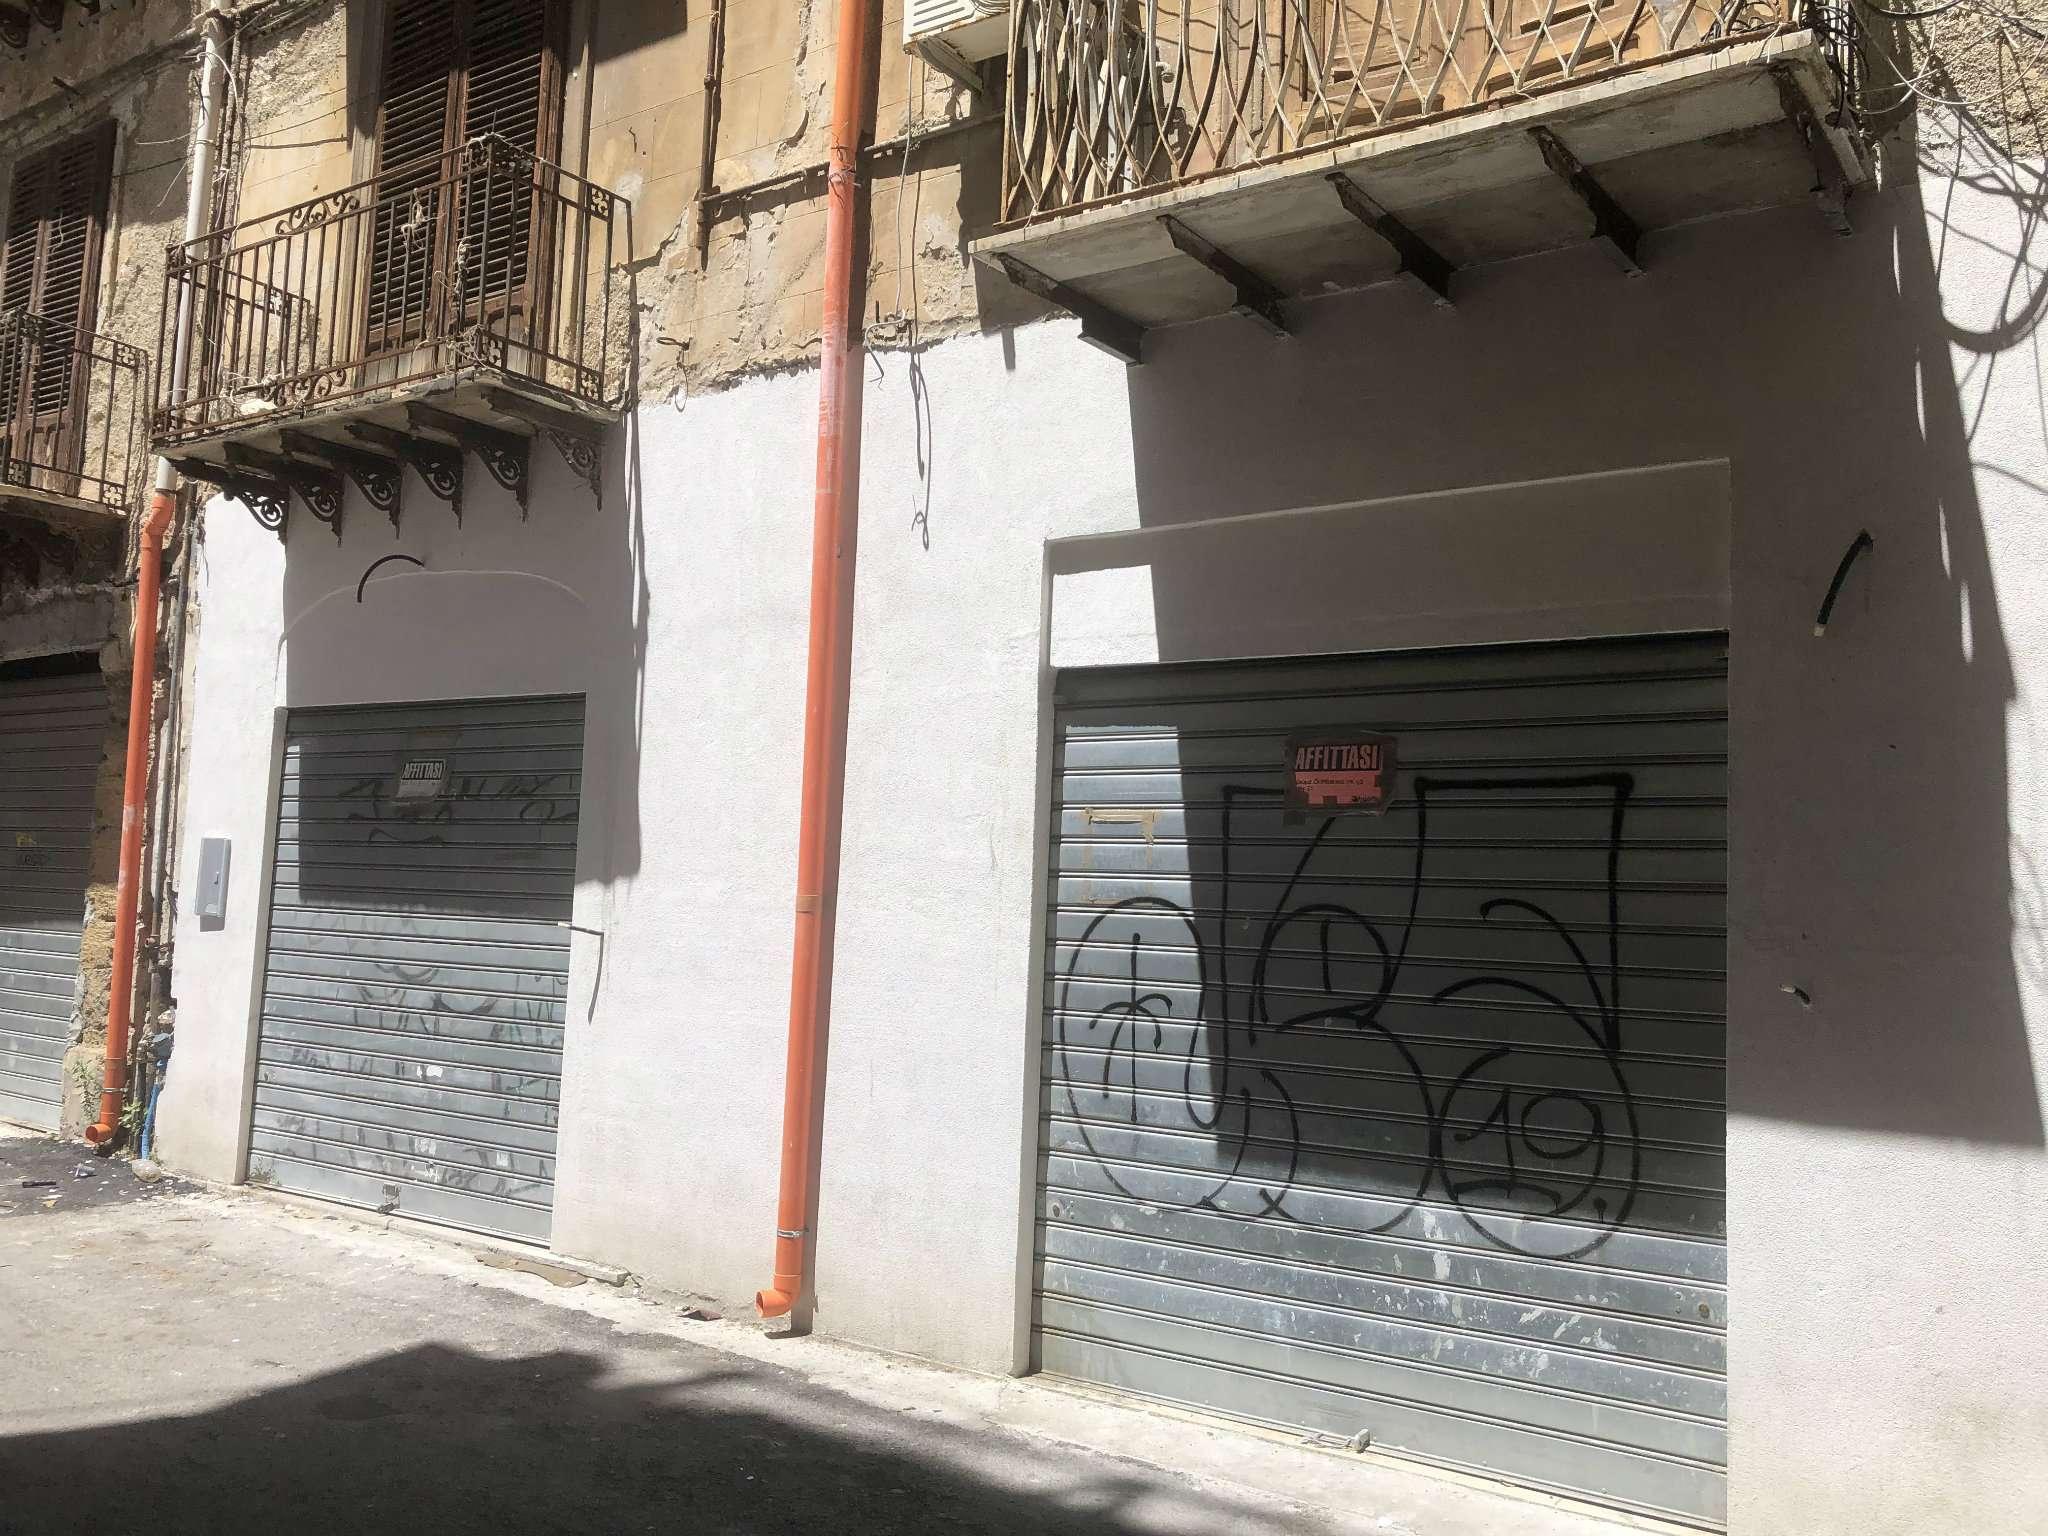 Negozio-locale in Vendita a Palermo: 1 locali, 28 mq